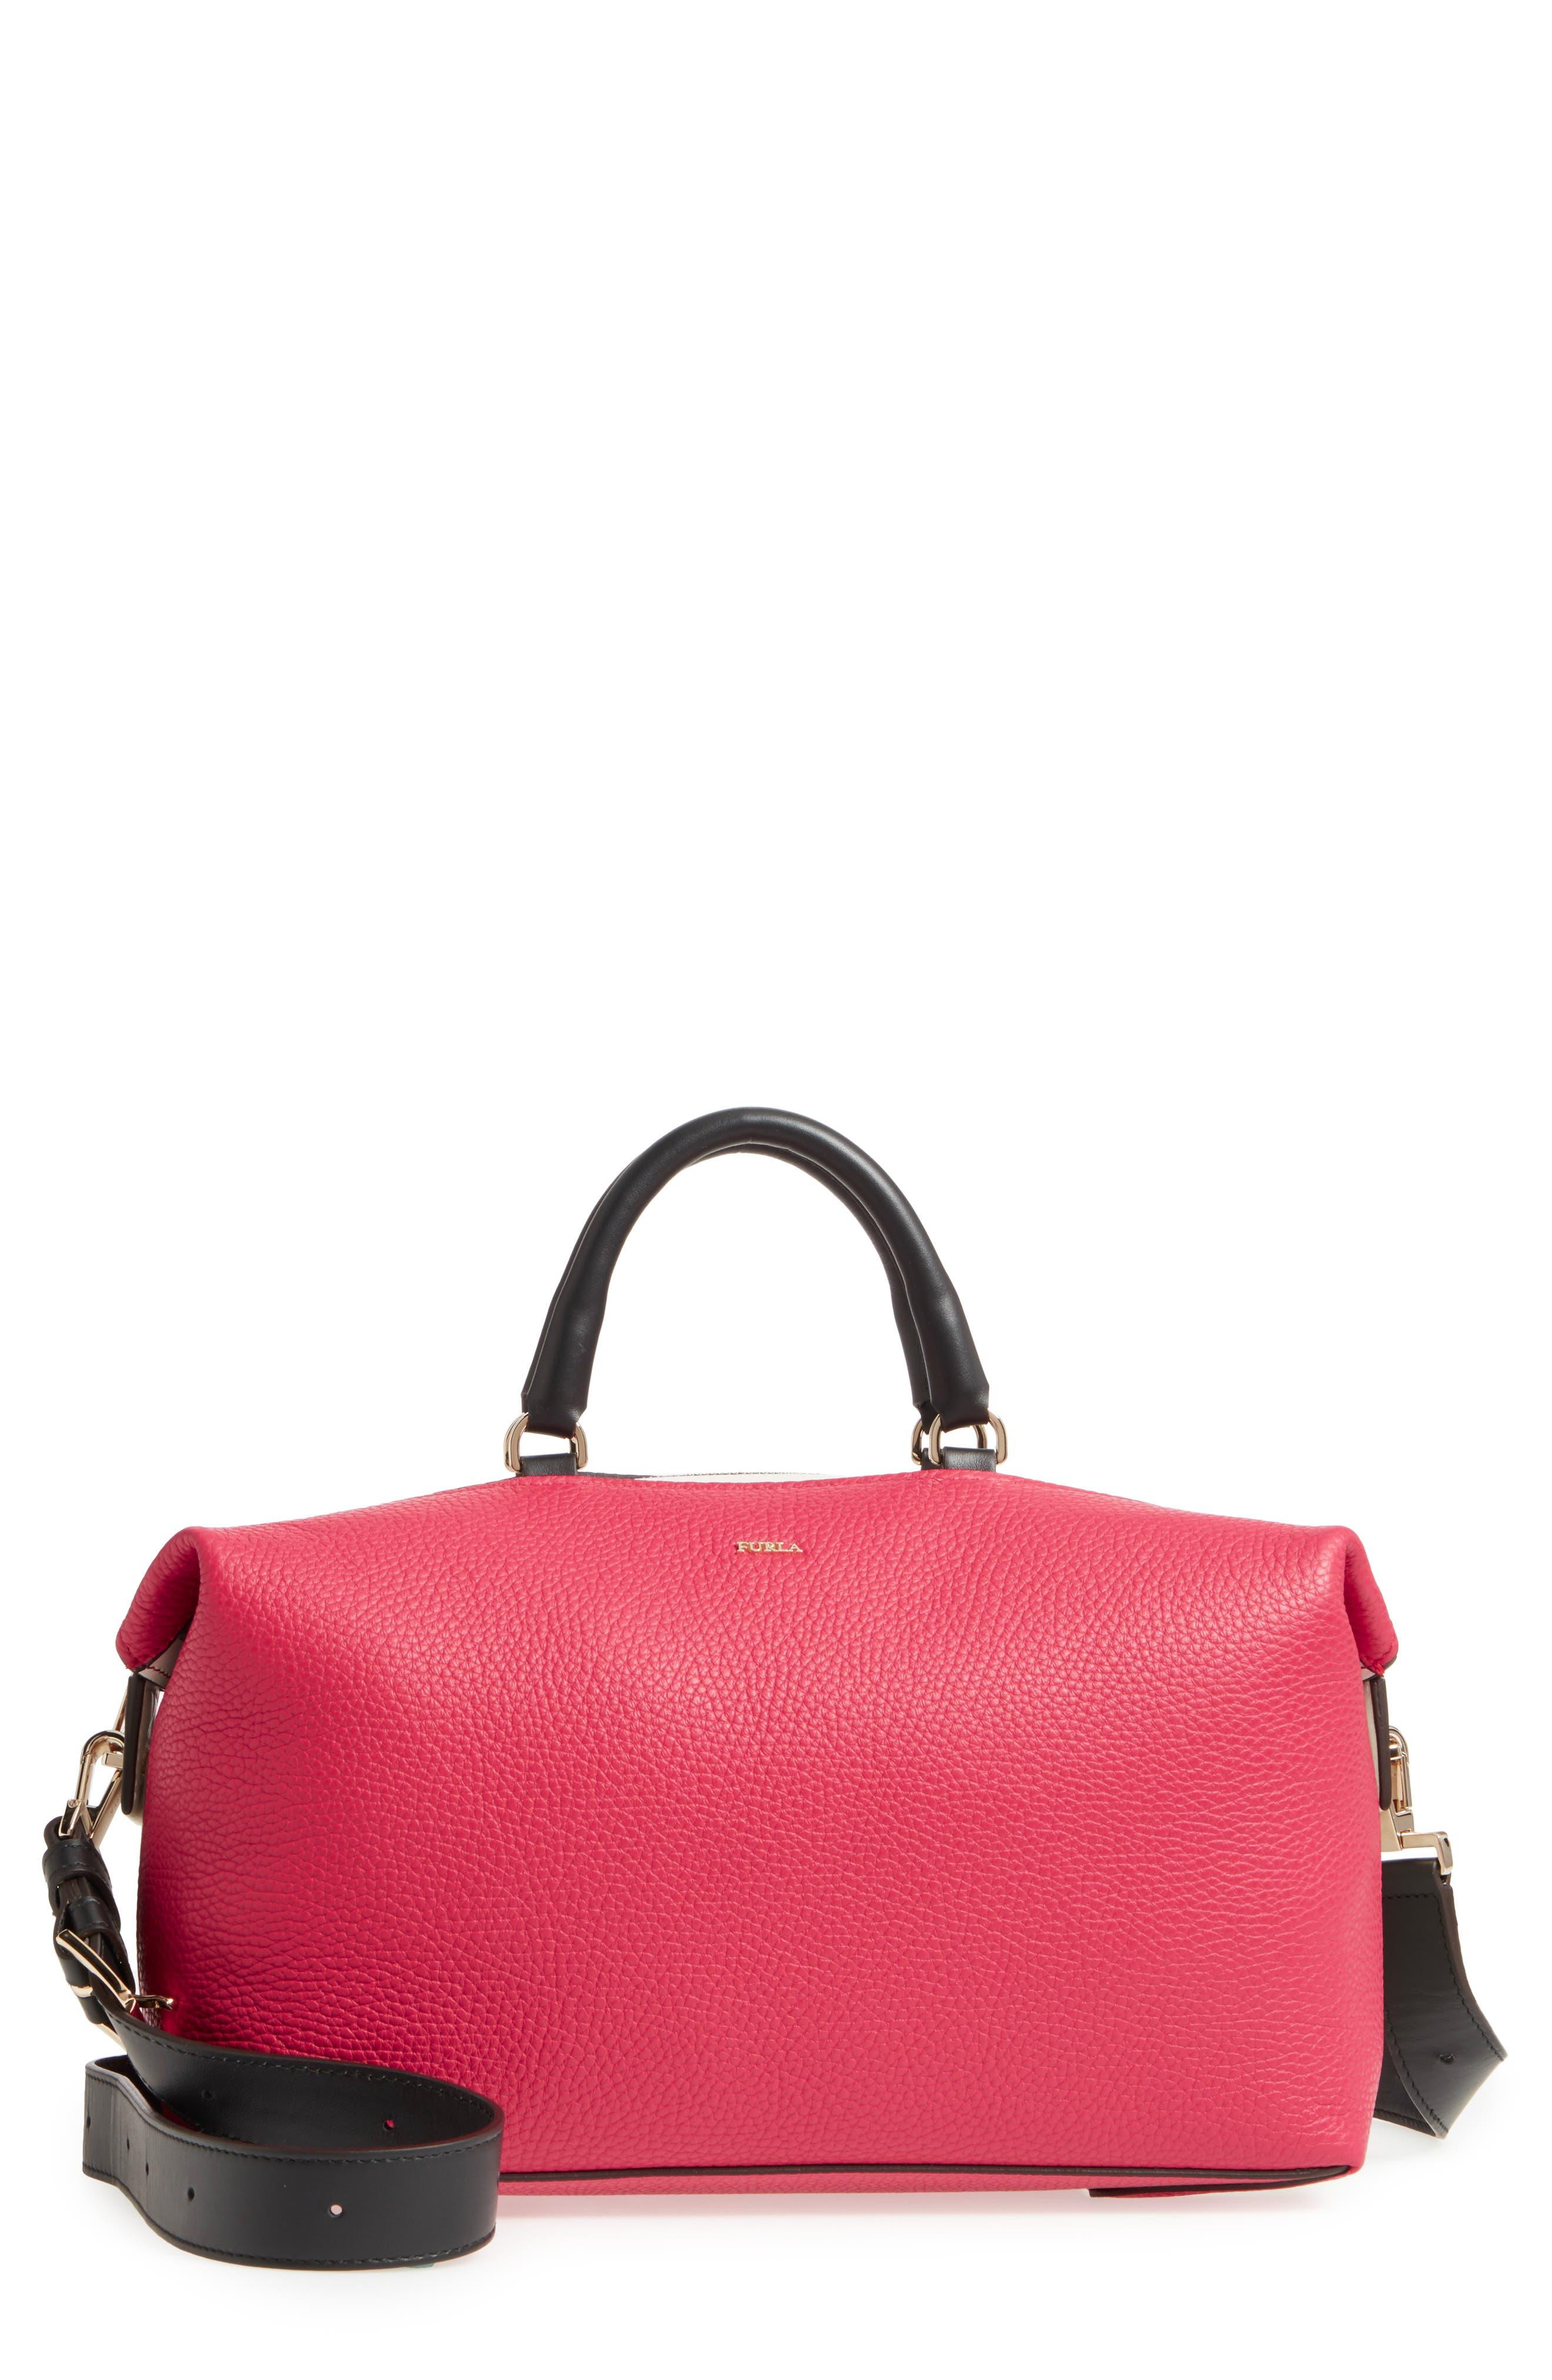 Main Image - Furla Blogger Colorblock Leather Satchel